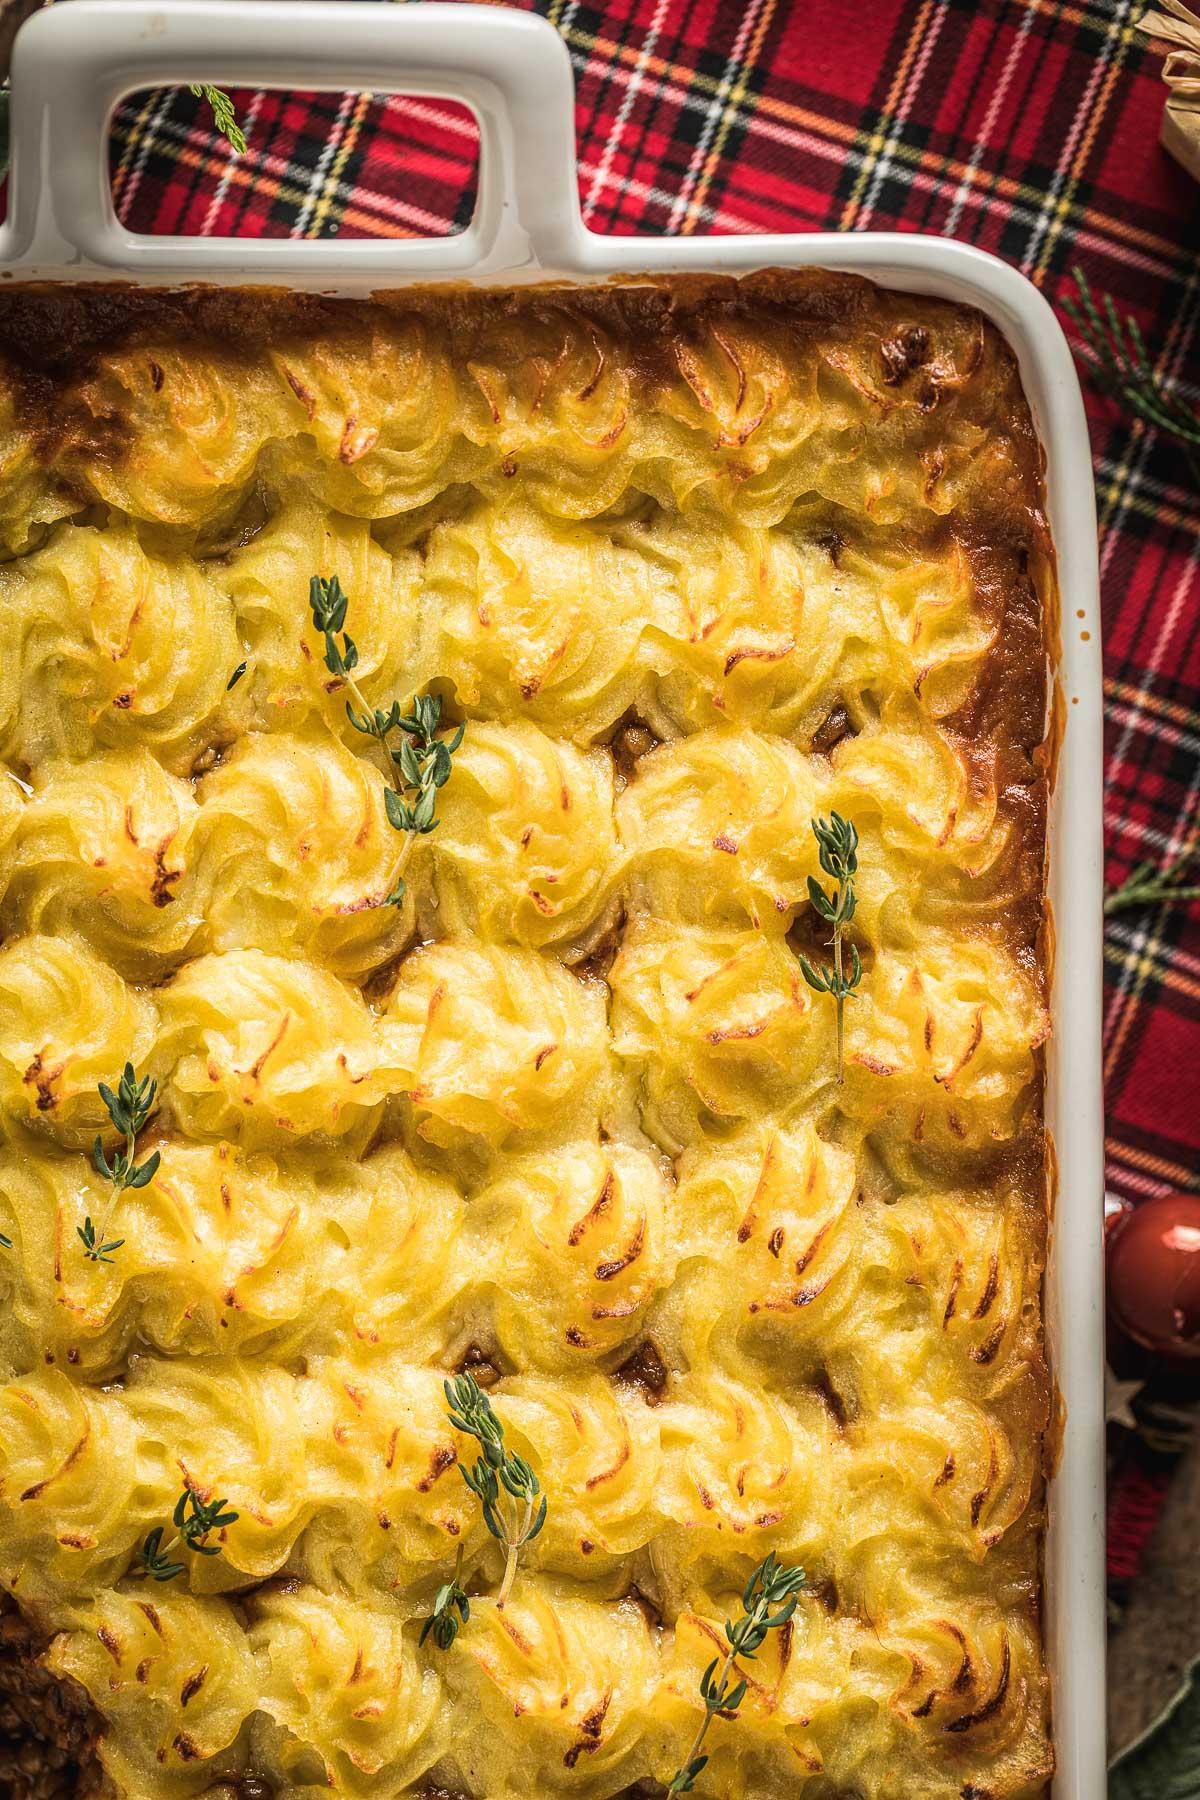 ricetta di Natale Shepherd's Pie vegana di lenticchie con ragù di lenticchie funghi e purè di patate healthy Vegan Shepherd's Pie recipe with lentil ragu for Thanksgiving Christmas